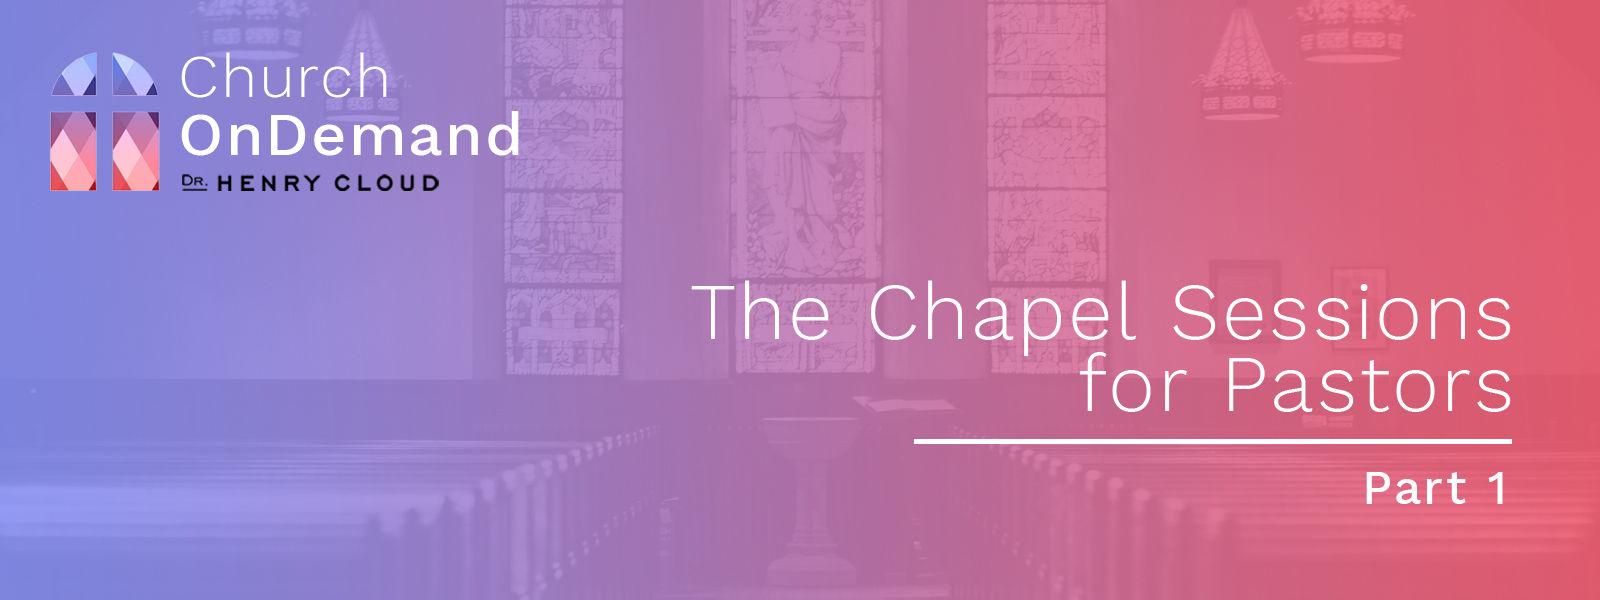 The Chapel Sessions for Pastors: Part 1